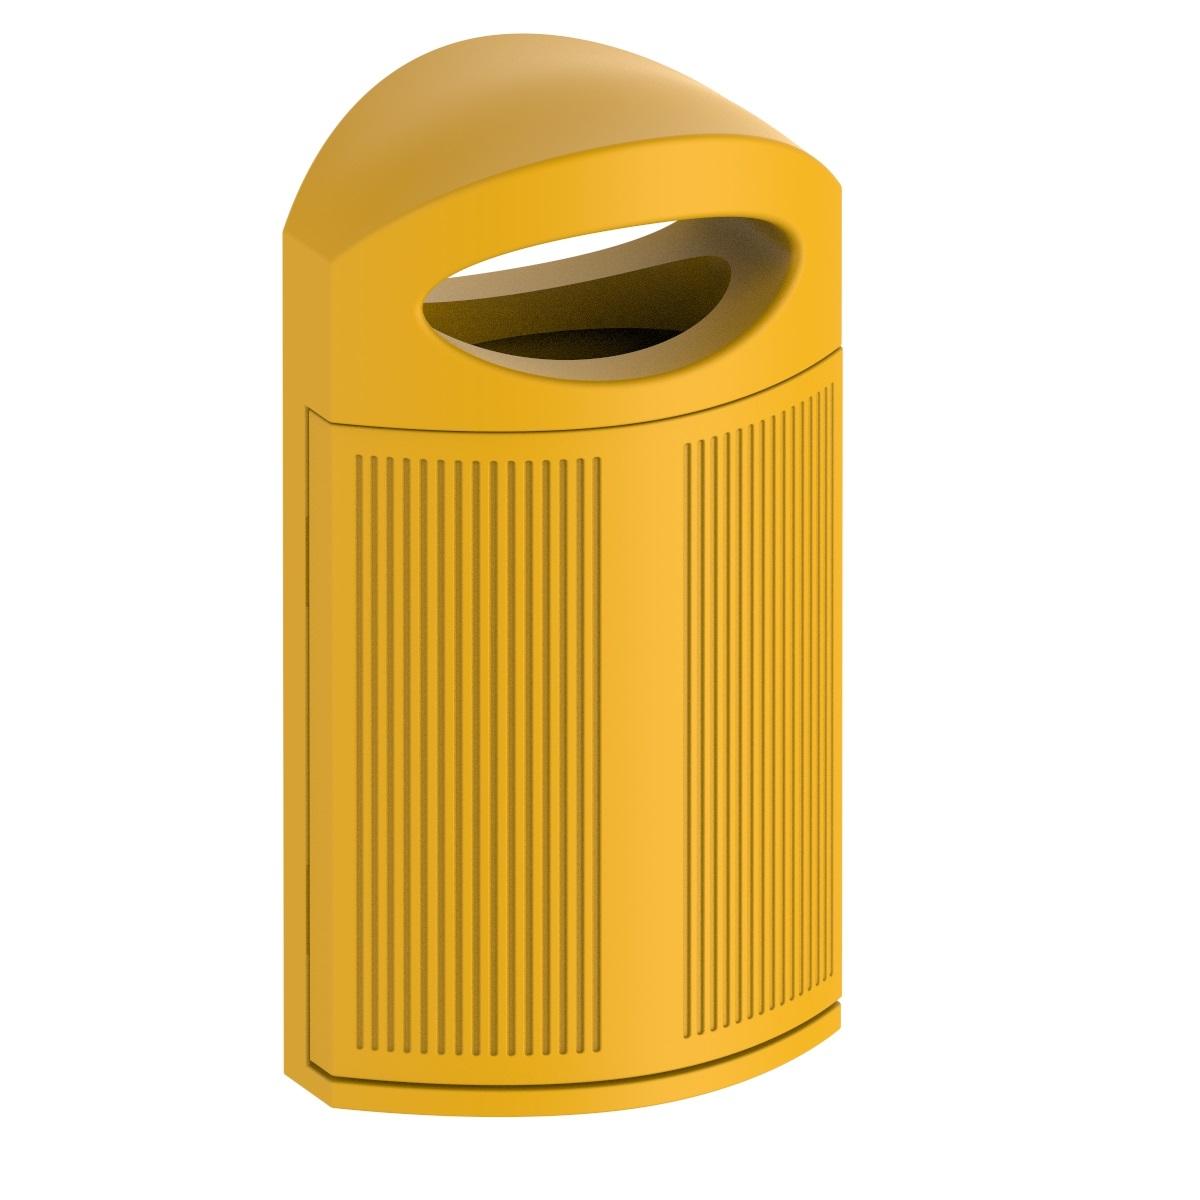 Afvalbak Ibiza in 8 zonnige kleuren